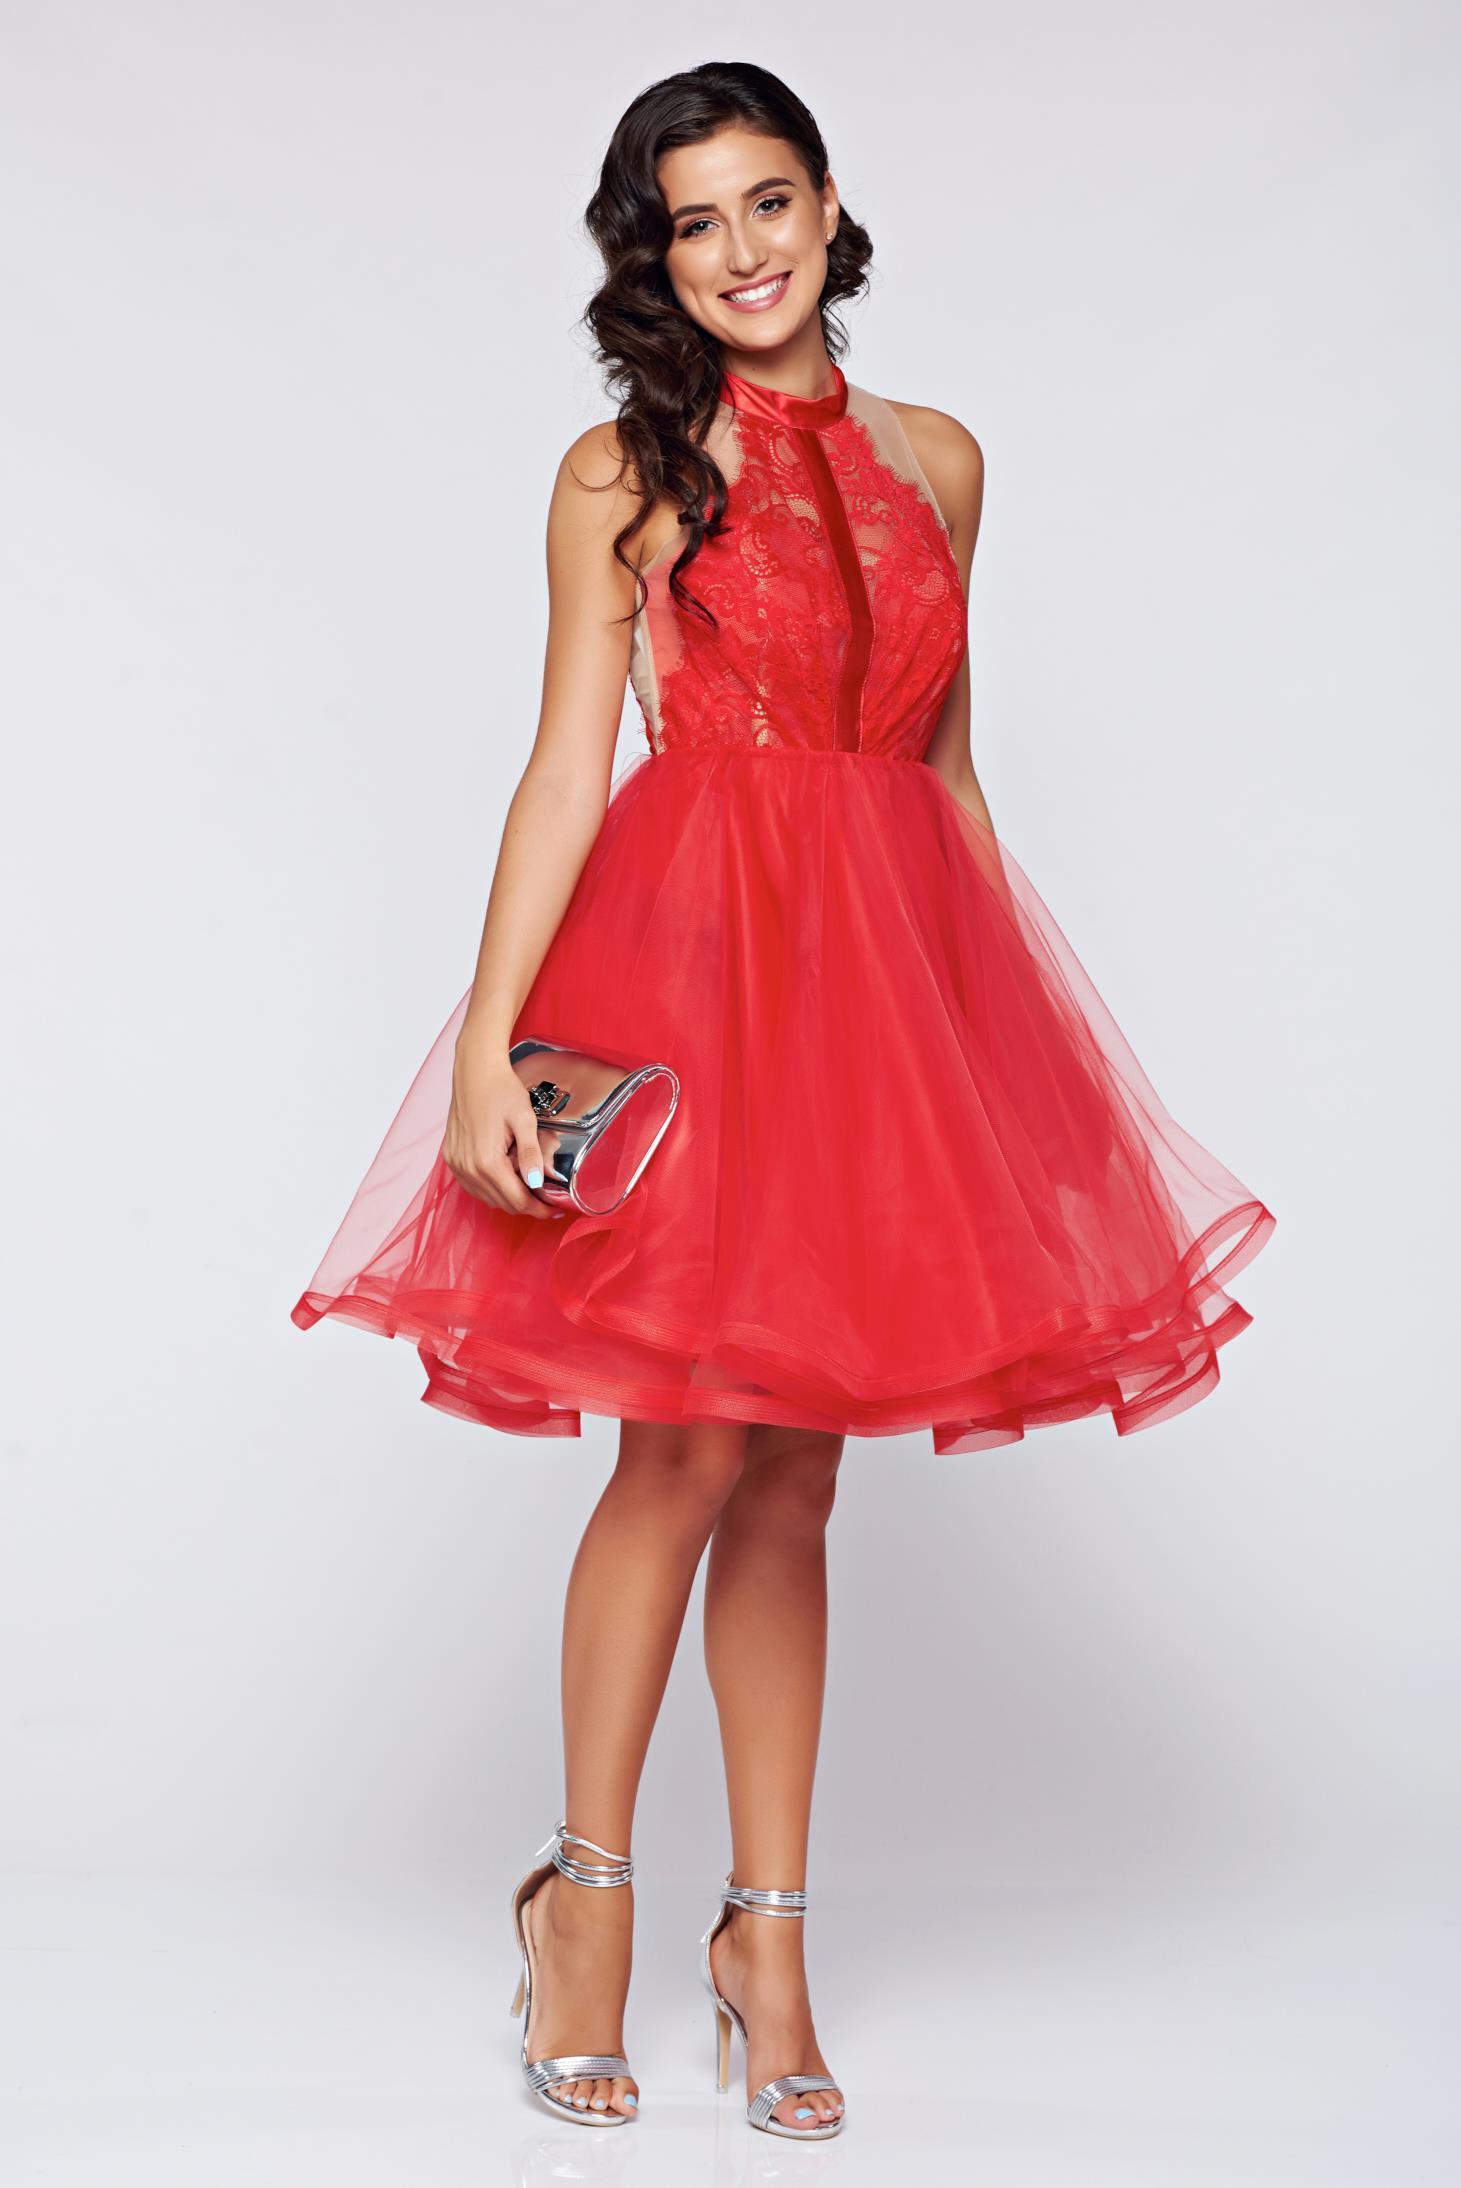 574ddd3ca3 Piros Ana Radu ruha alkalmi harang alakú csipke díszítéssel